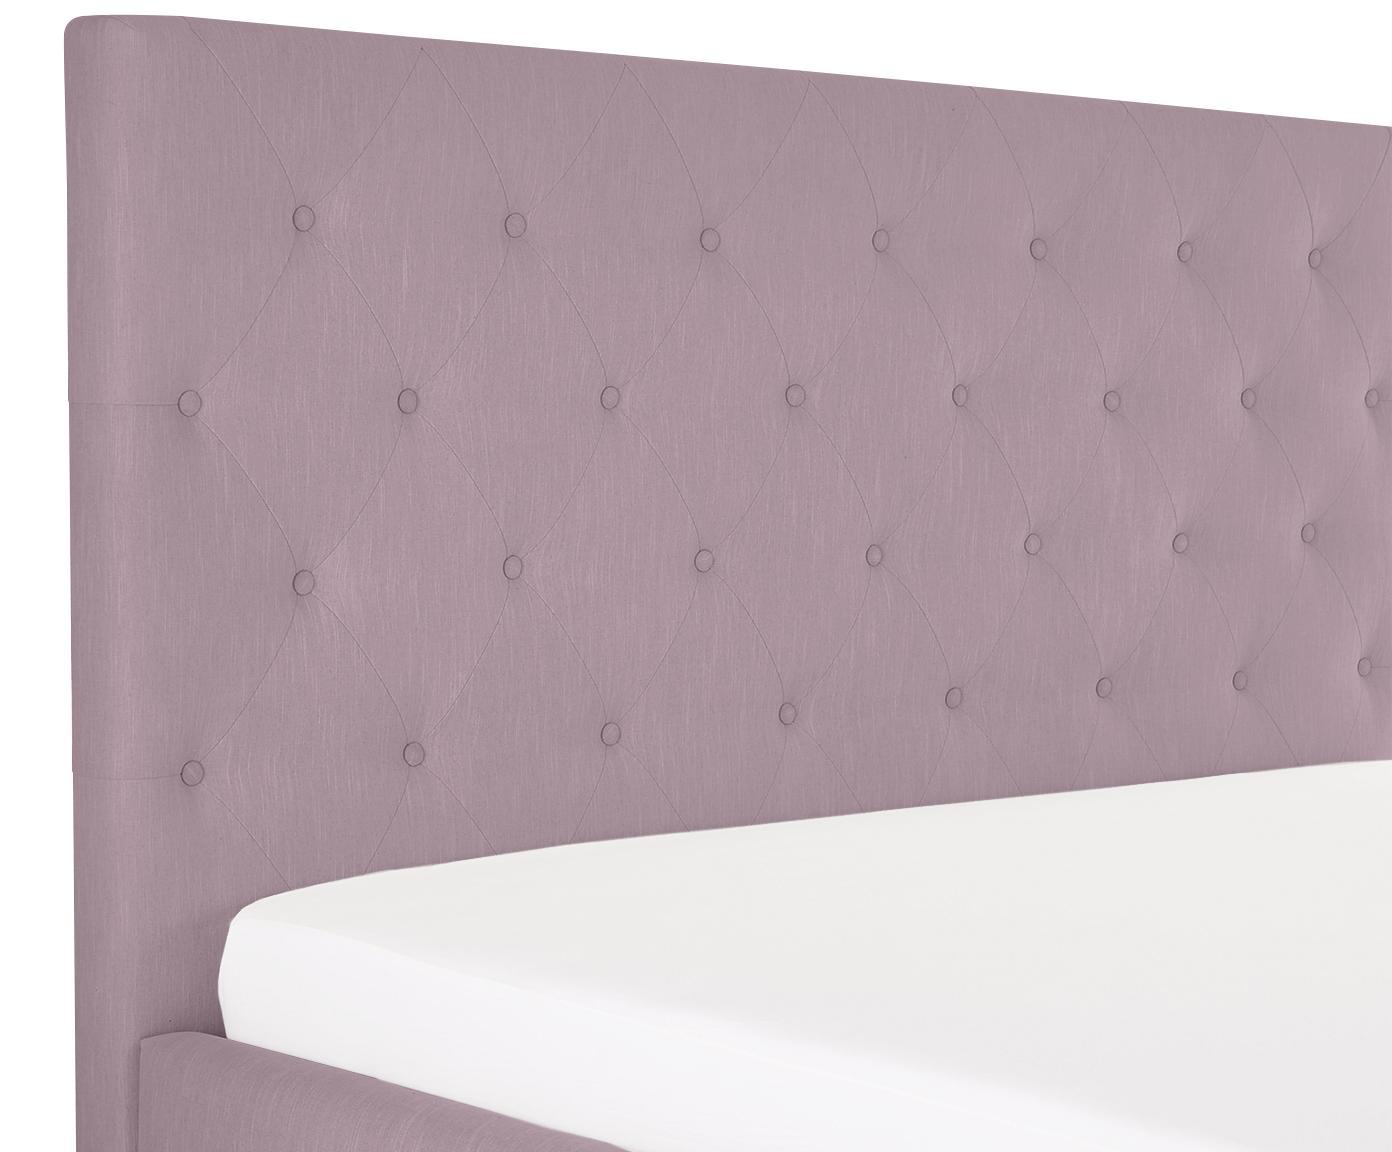 Łóżko tapicerowane Serene, Korpus: lite drewno sosnowe, Nogi: lite drewno dębowe, Tapicerka: poliester (materiał tekst, Fioletoworóżowy, 180 x 200 cm